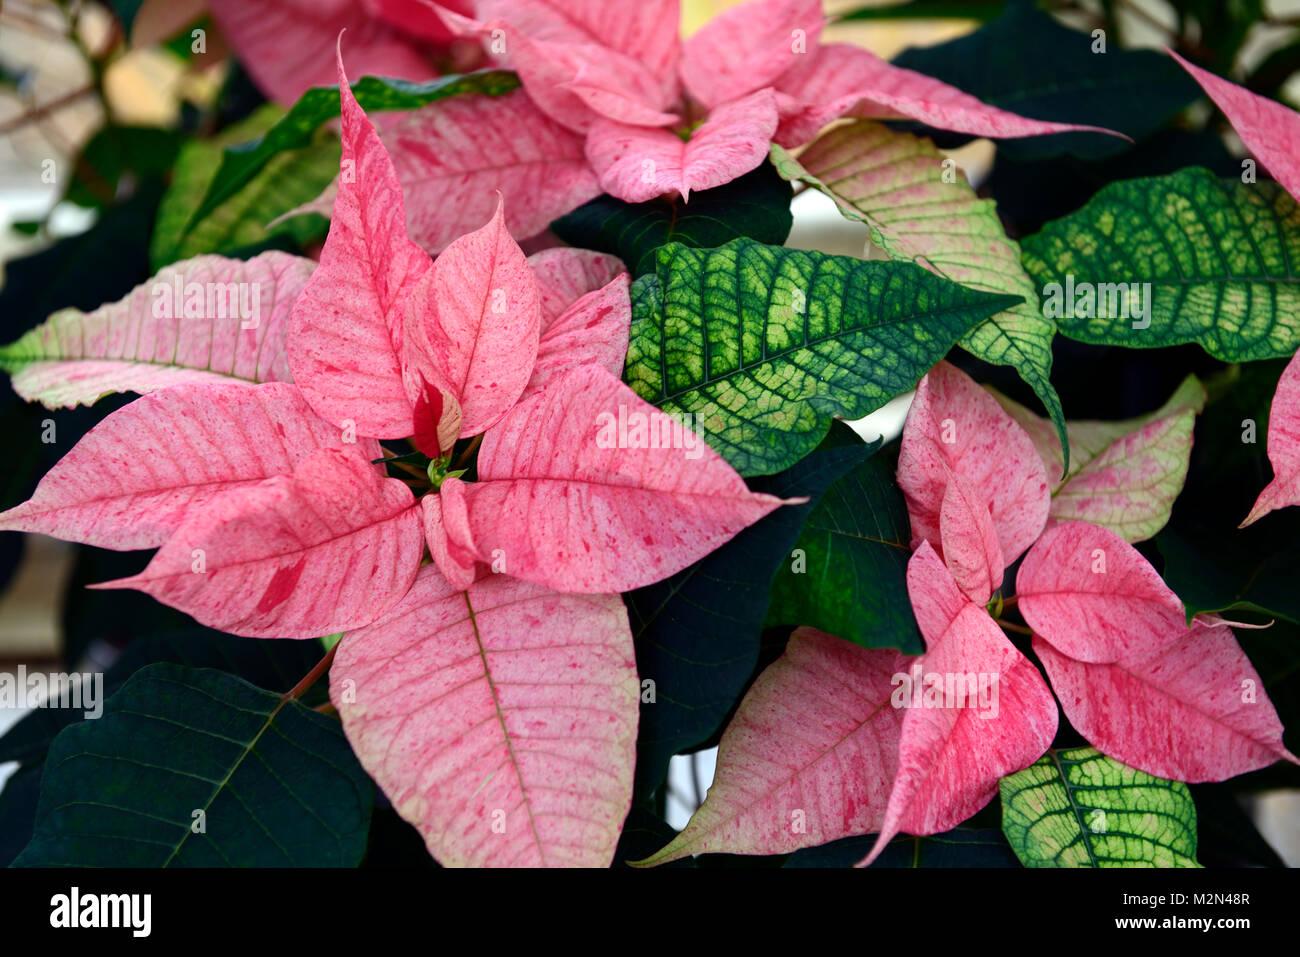 Weihnachten Mit Fantasy.Euphorbia Pulcherrima Weihnachten Gefühle Fantasy Weihnachtsstern